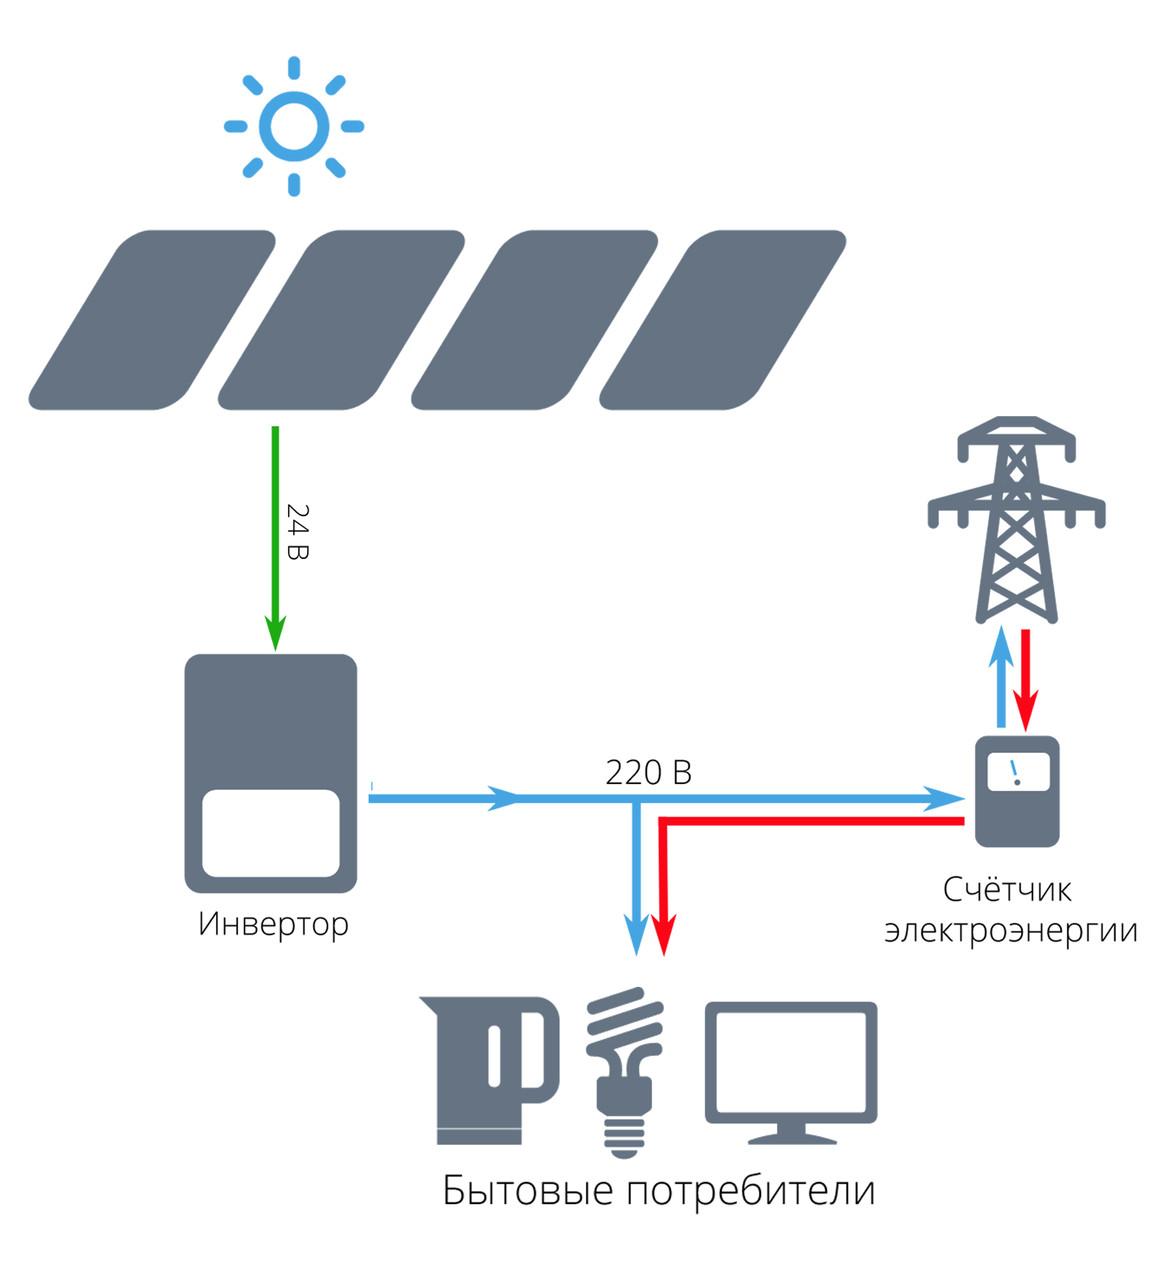 """Сетевая солнечная электростанция для дома 20 кВт под """"зеленый тариф"""" - STANDARD"""